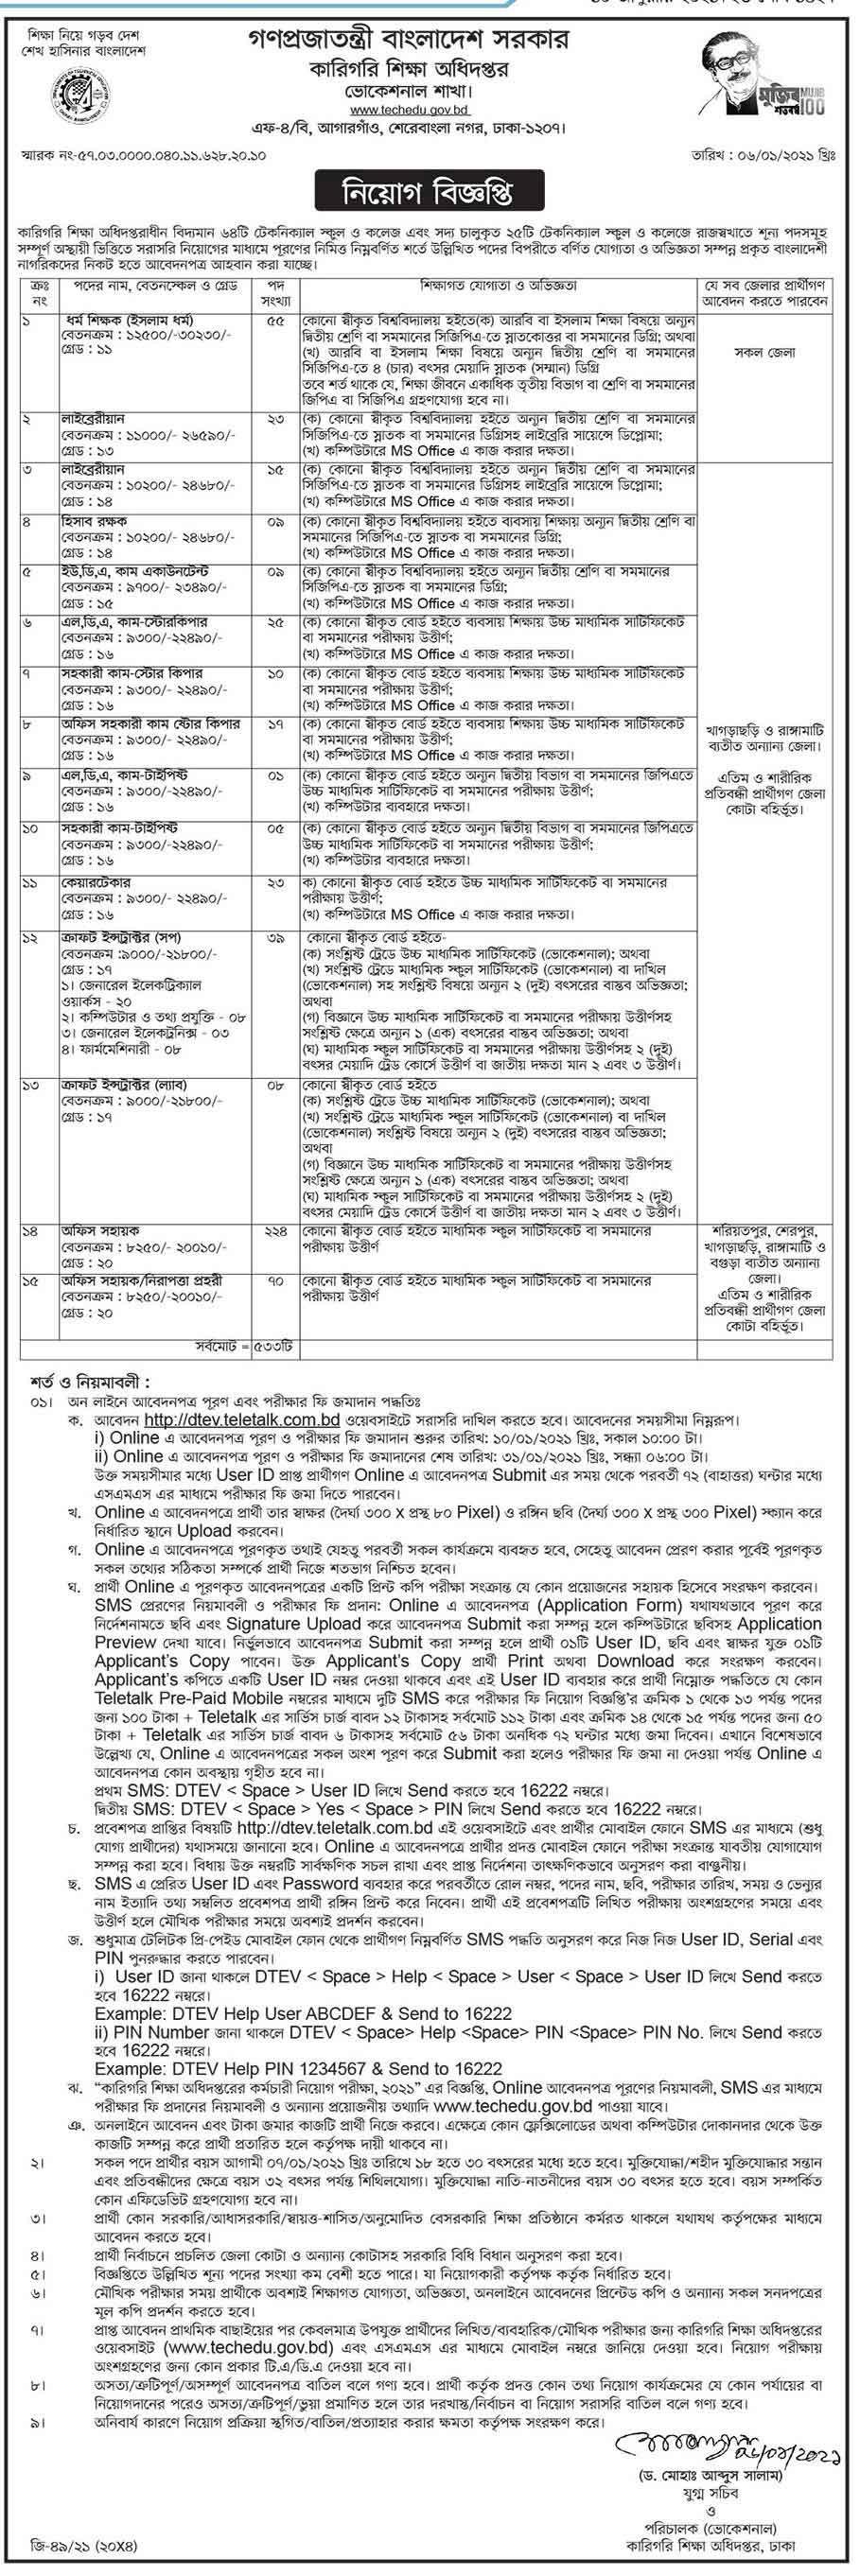 কারিগরি শিক্ষা অধিদপ্তর নিয়োগ বিজ্ঞপ্তি ২০২১ -  Directorate of Technical Education (DTE) Job Circular 2021